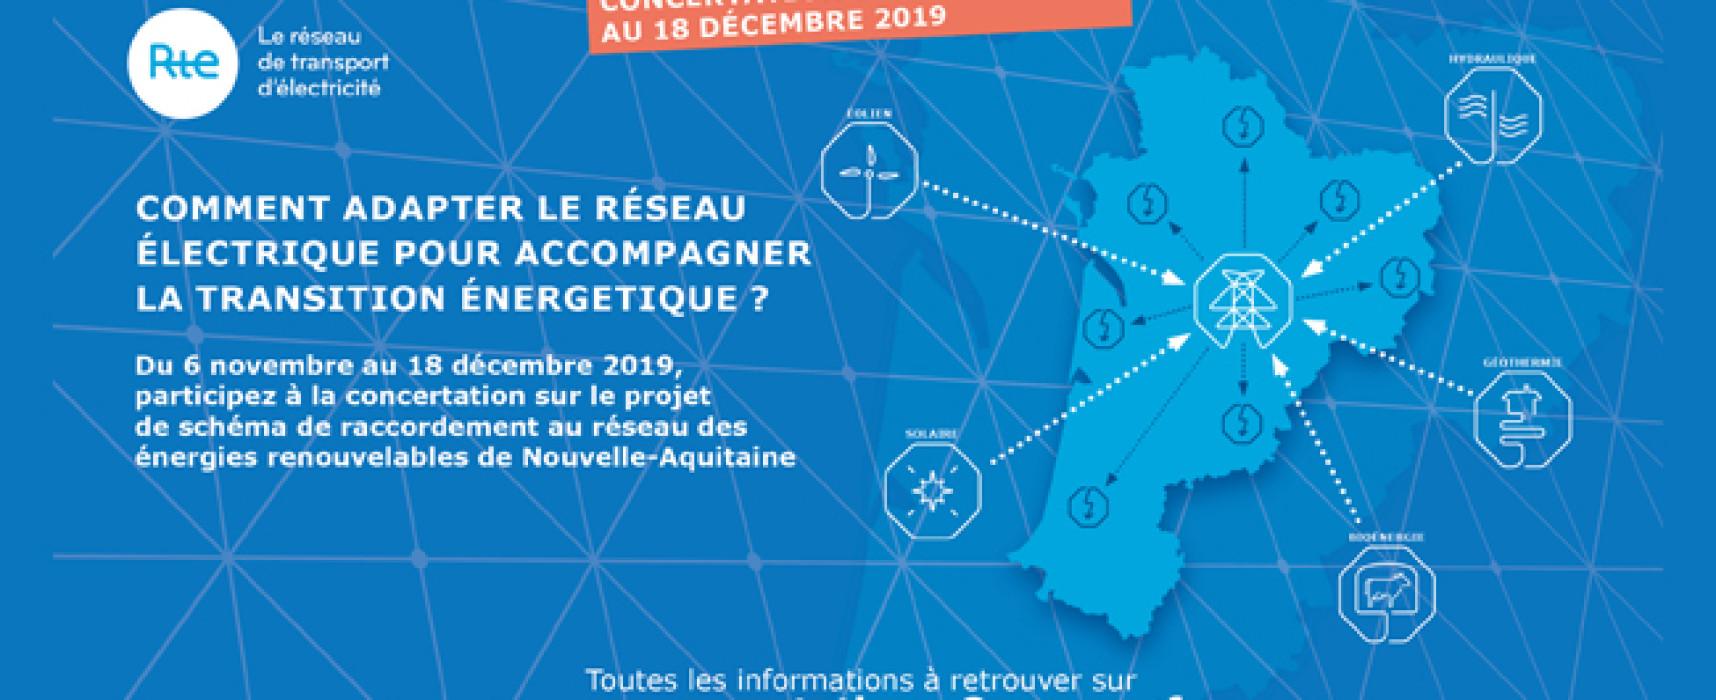 Participez à la concertation sur le projet de Schéma Régional de Raccordement au Réseau des Énergies Renouvelables